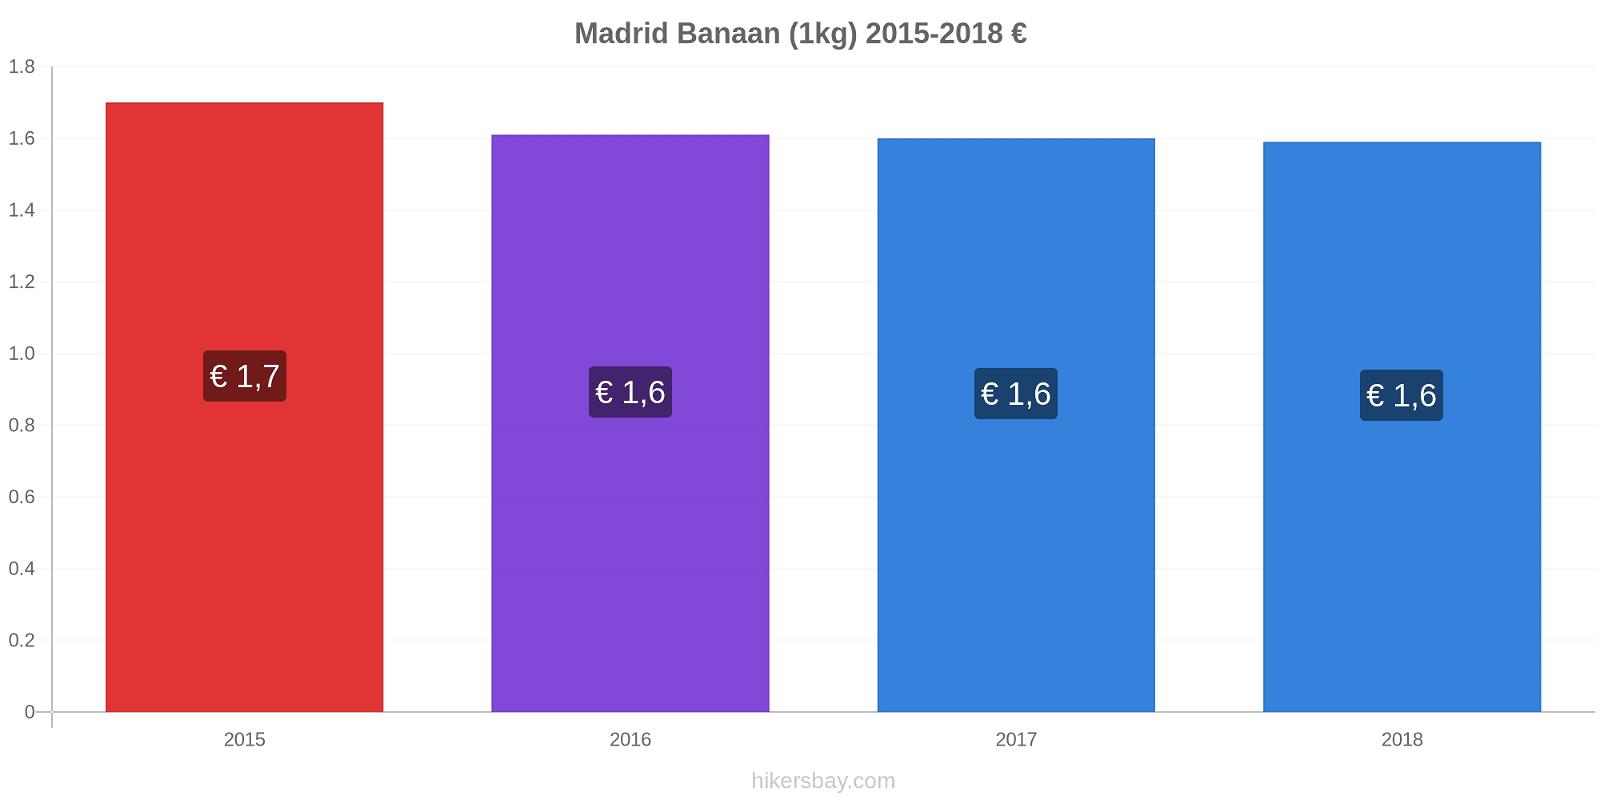 Madrid prijswijzigingen Banaan (1kg) hikersbay.com